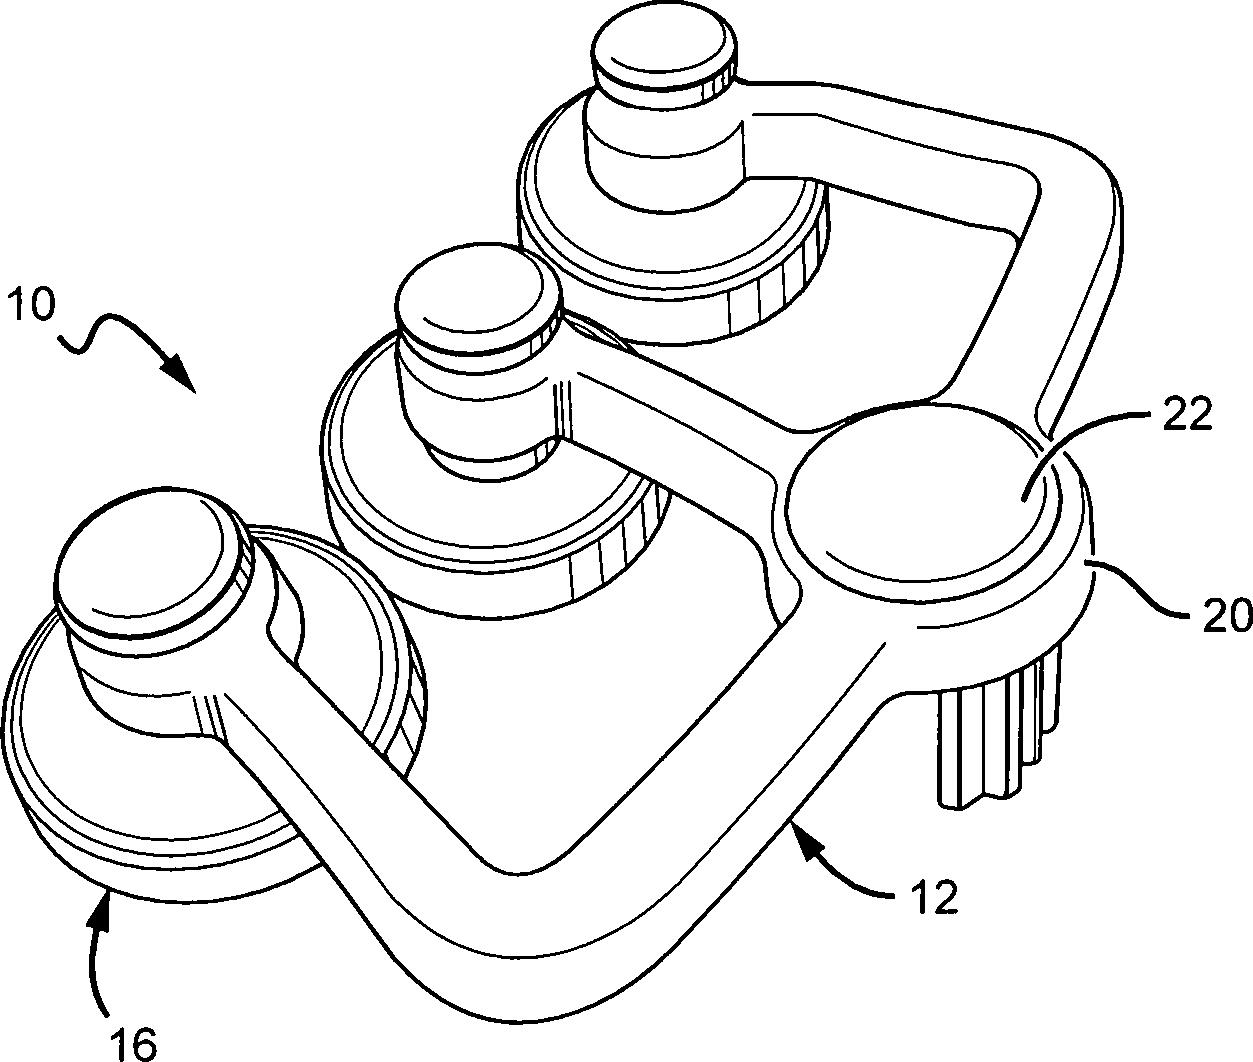 Figure DE102015120918A1_0001